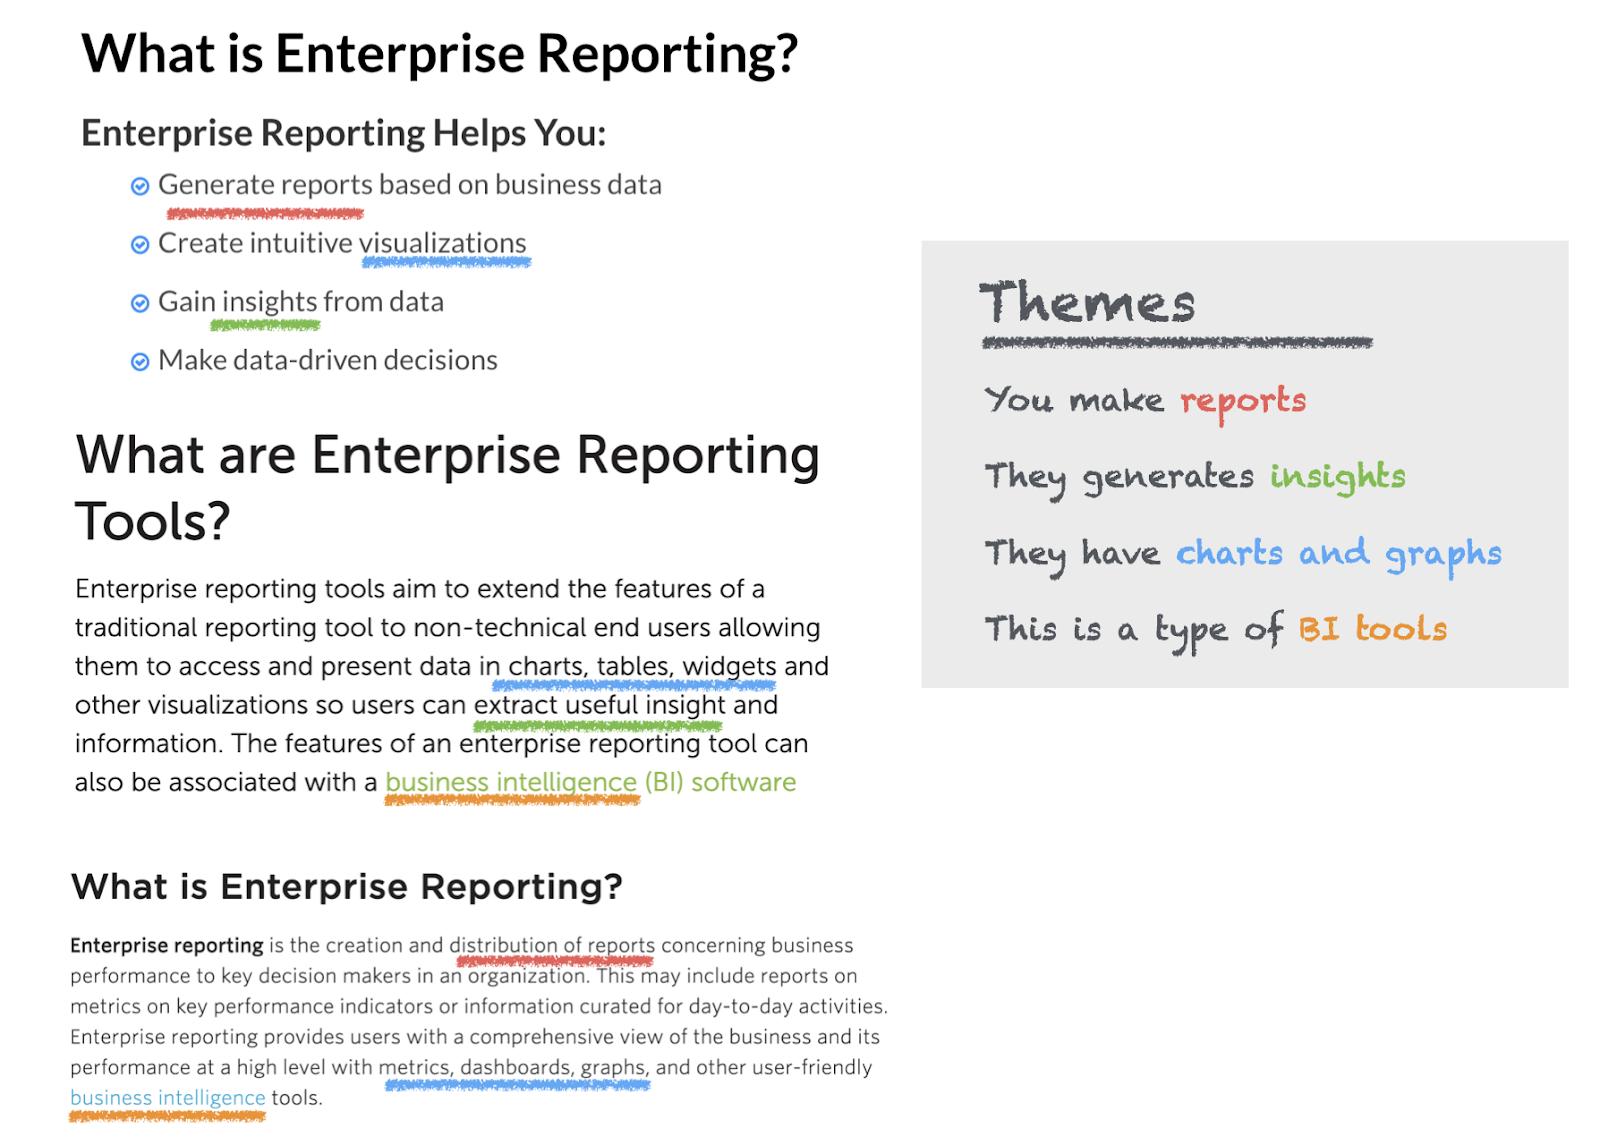 enterprise reporting image